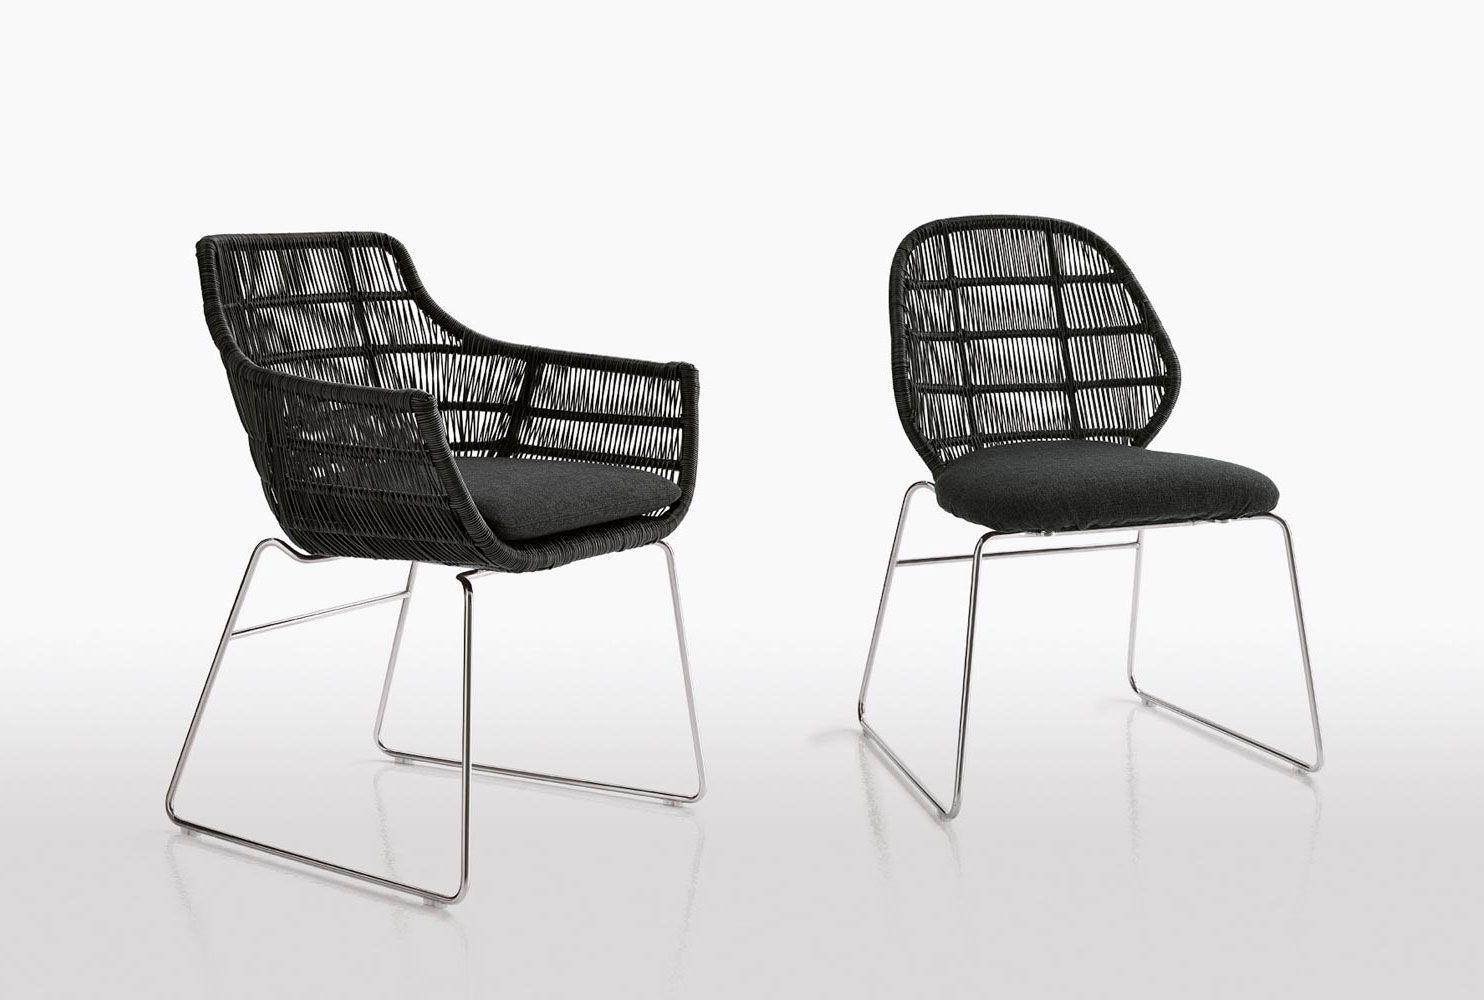 Chair Crinoline Collection B Italia Outdoor Design Patricia Urquiola Arredamento Patricia Urquiola Sedie